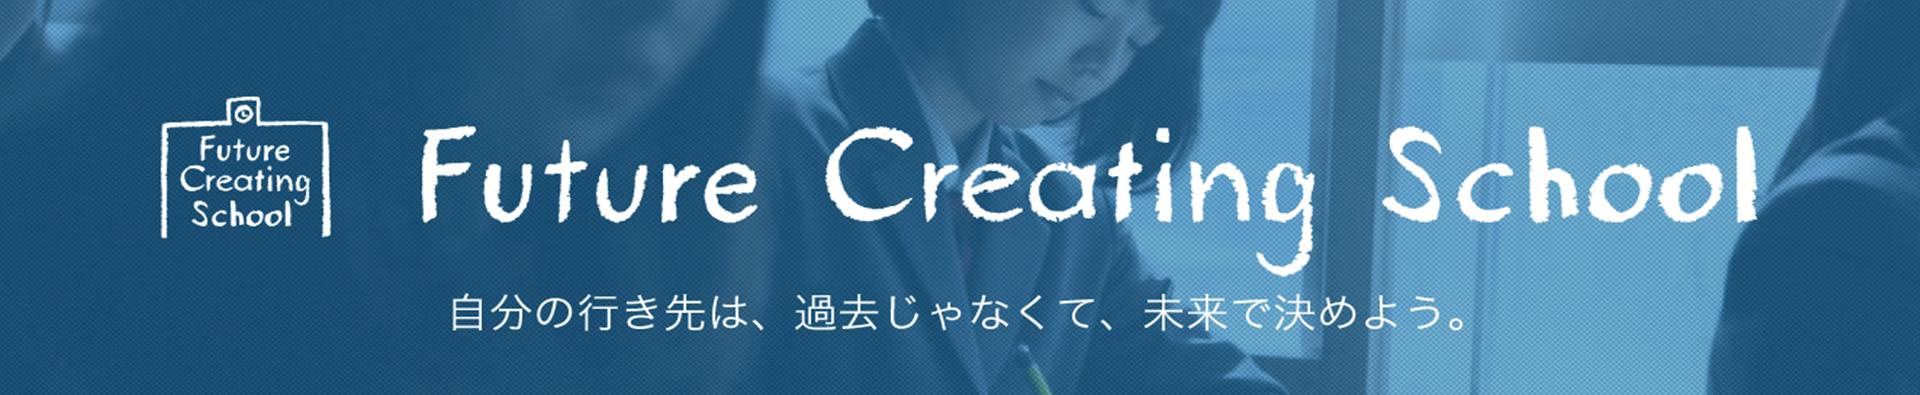 特別キャリア授業「Future Creating School」